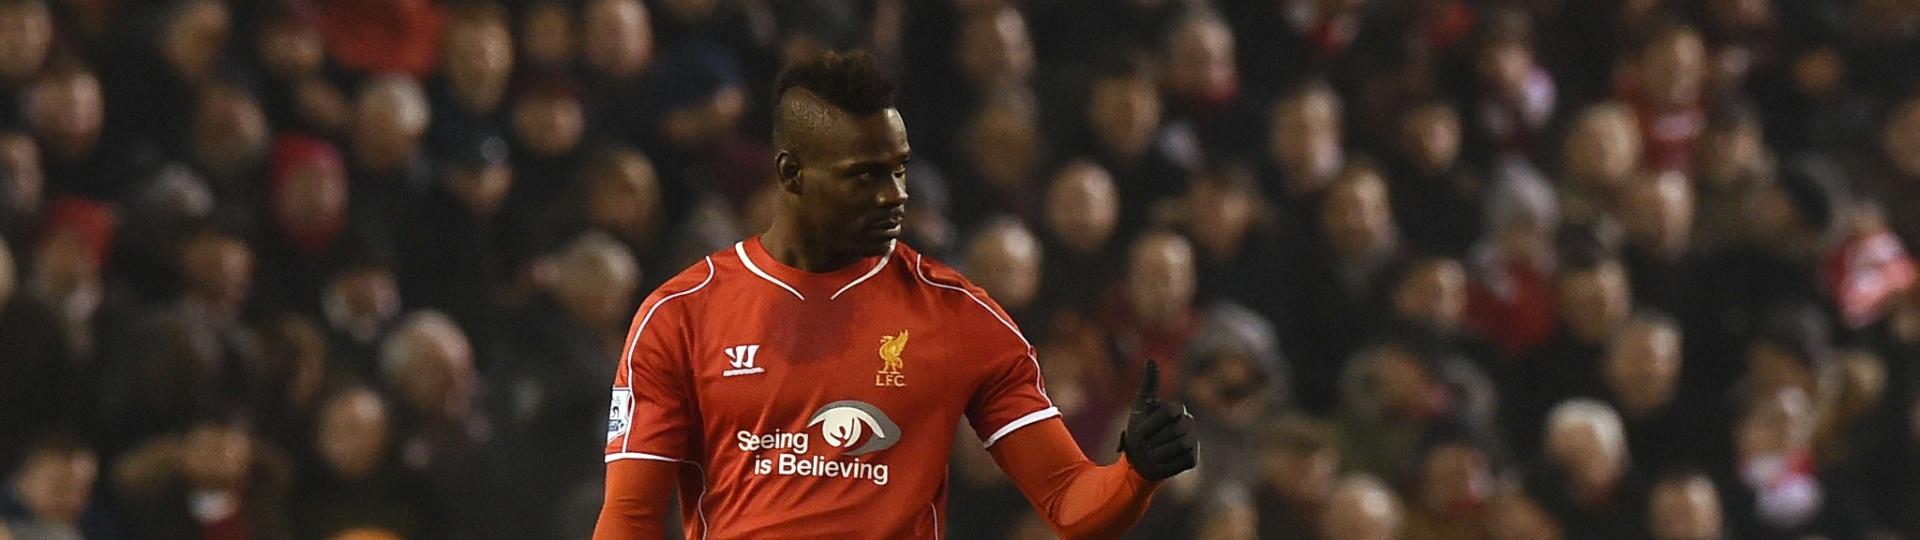 Balotelli em ação pelo Liverpool contra o Tottenham pelo Campeonato Inglês